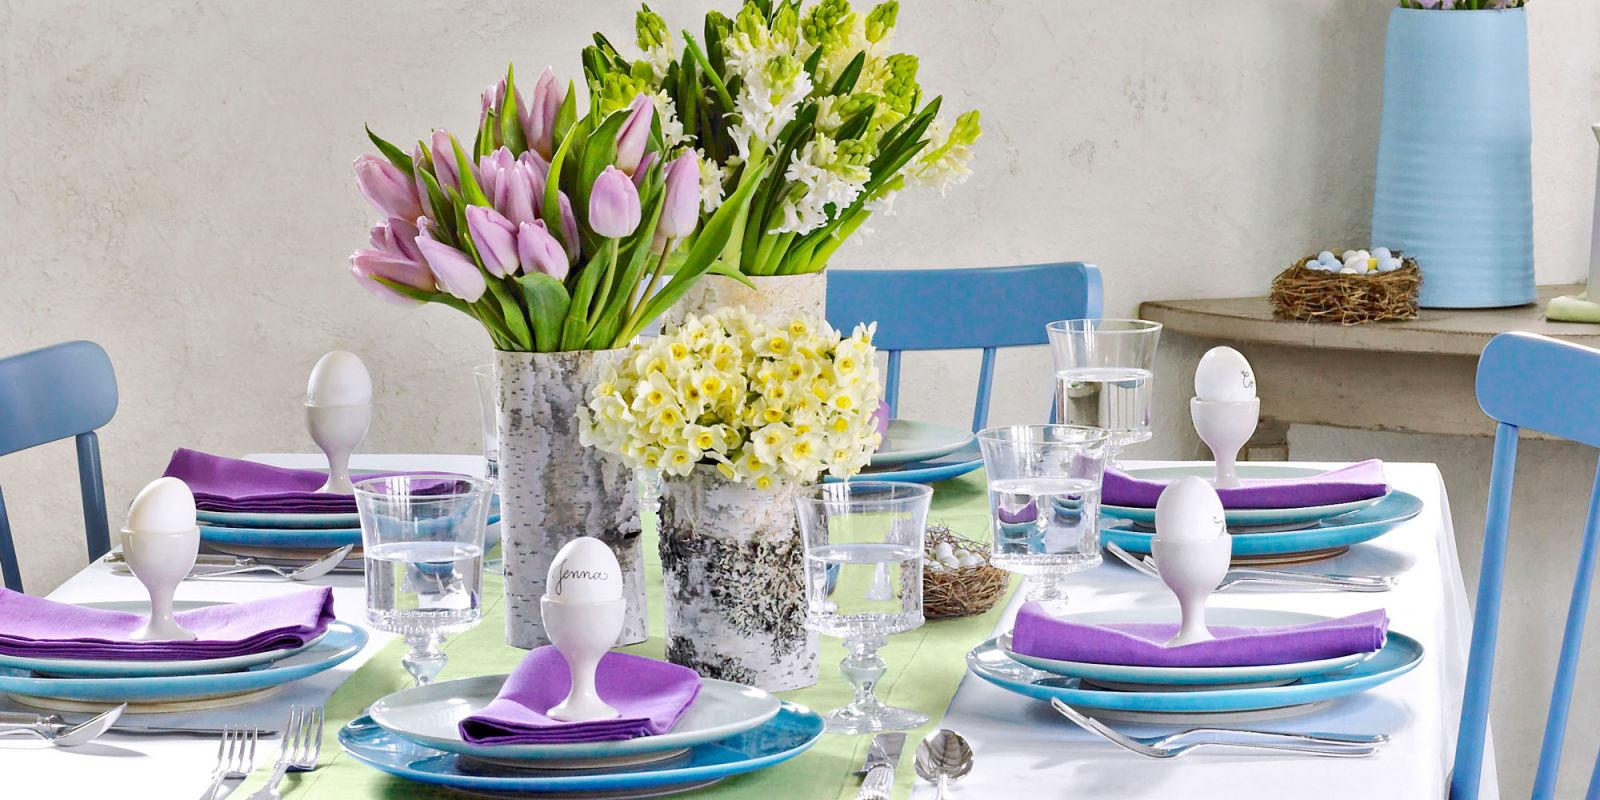 افكار ديكورات لتزيين طاولات الطعام في العيد